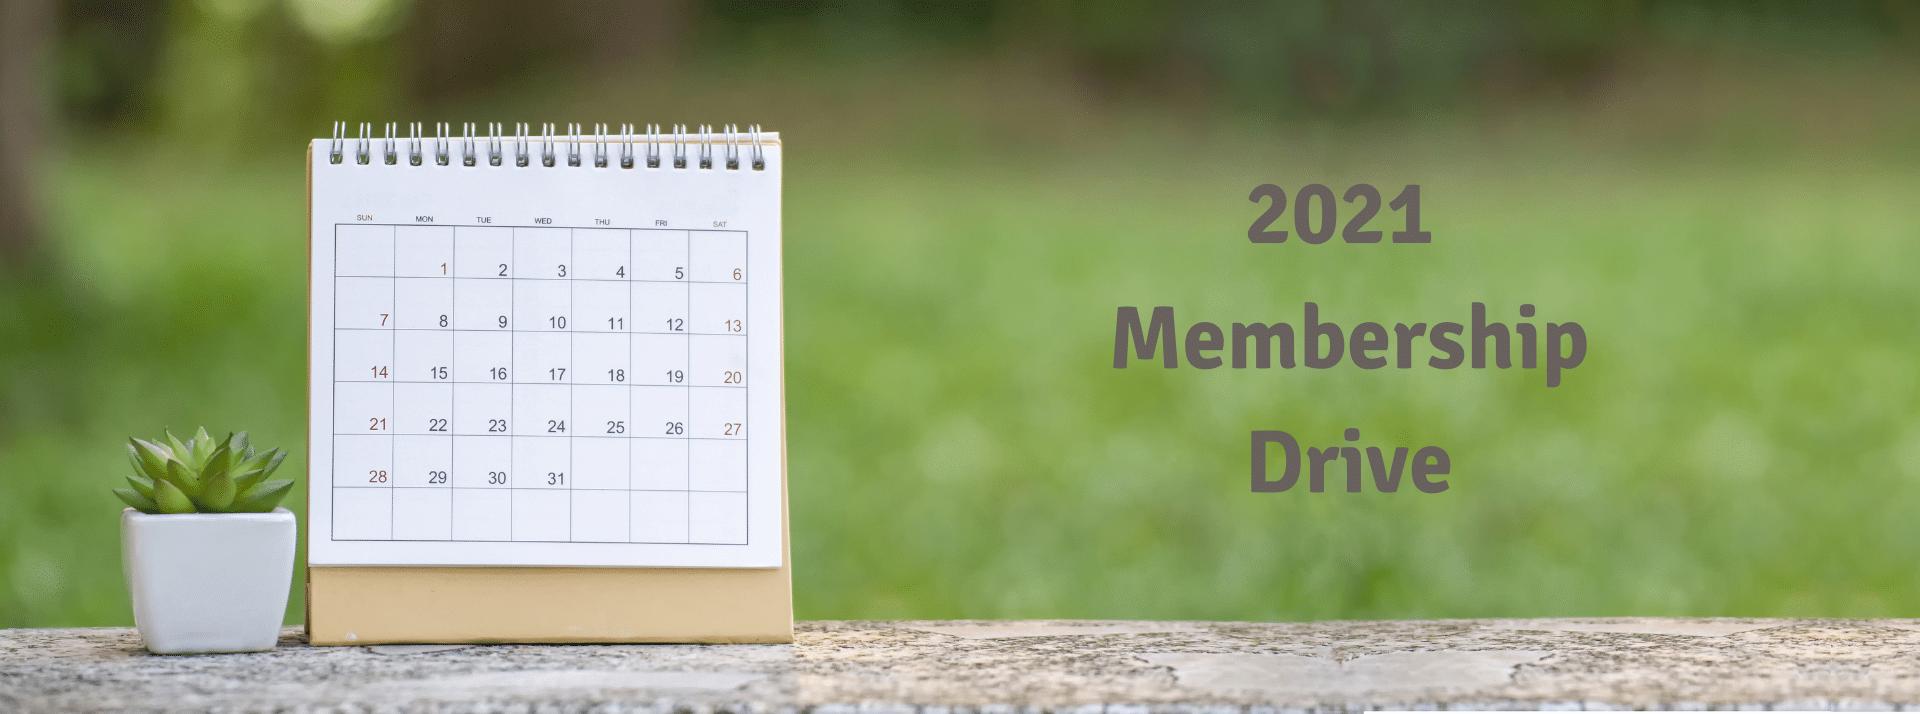 2021 Membership Drive